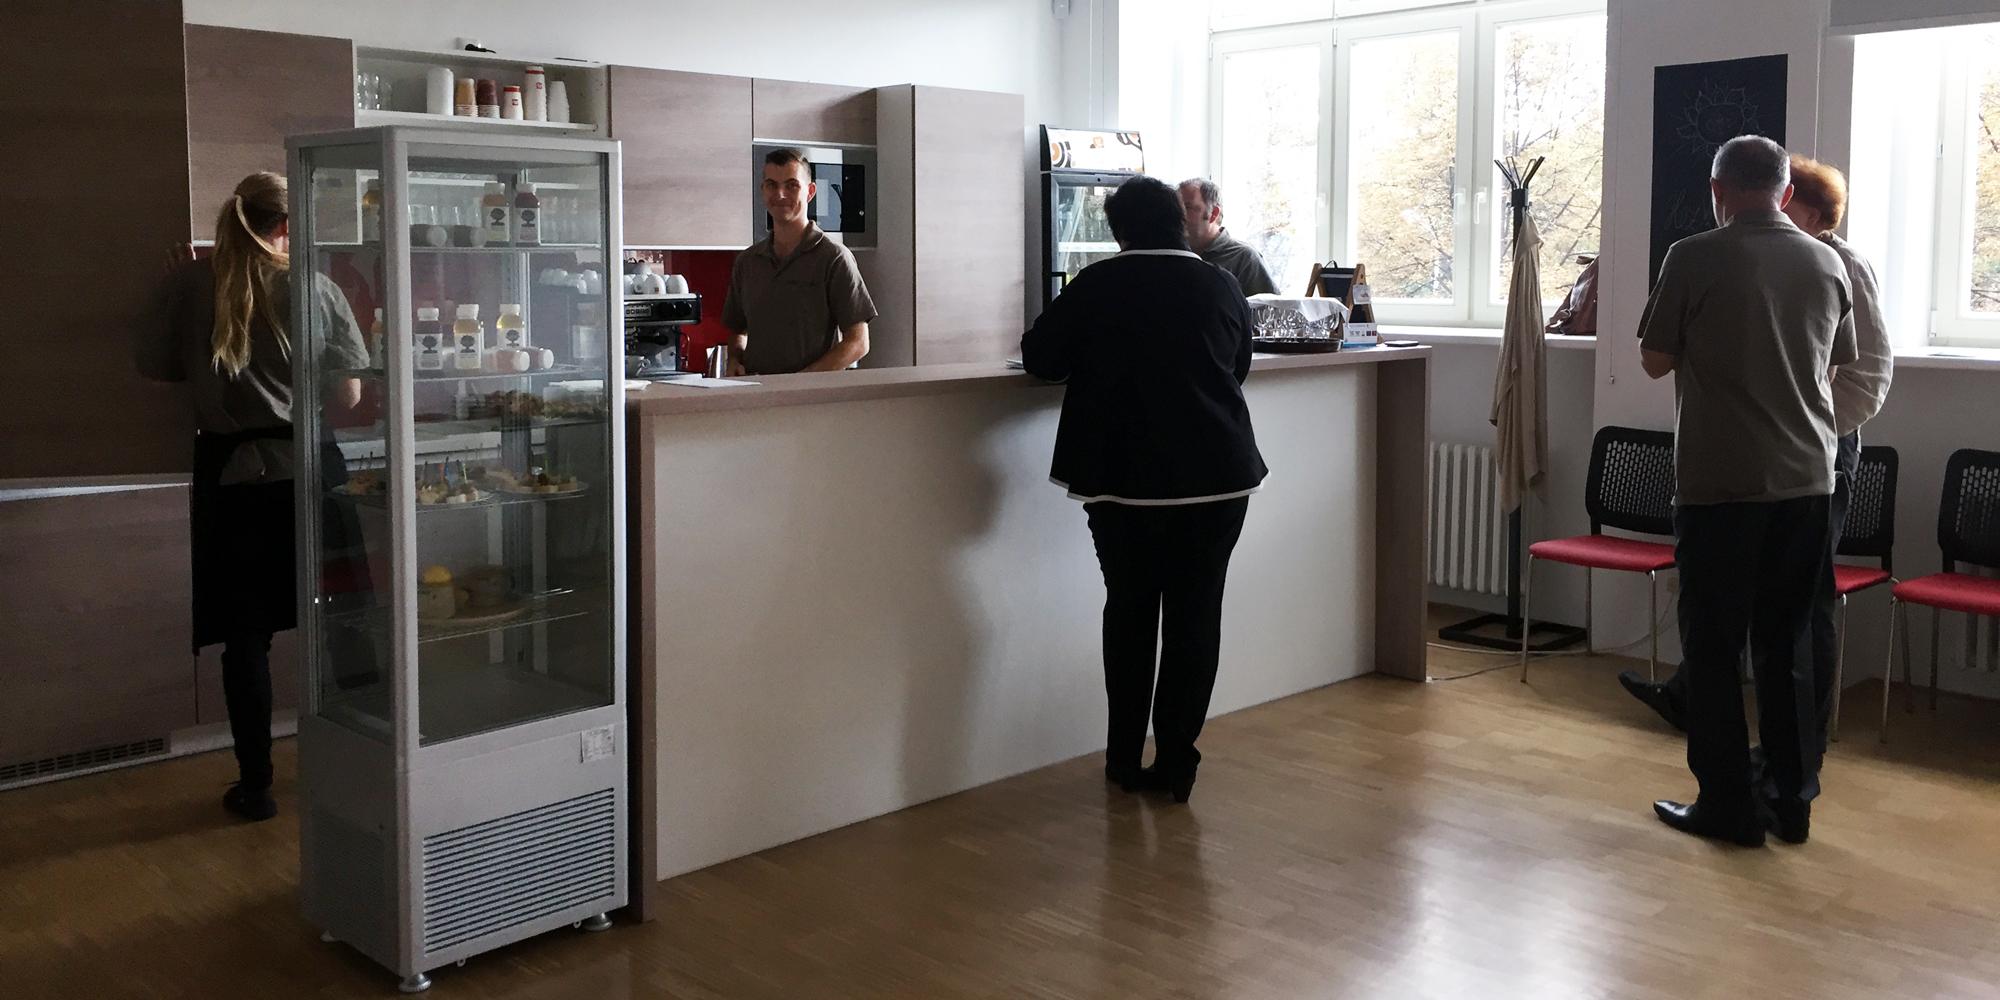 Foto: Právníci mají novou kavárnu. Obsluhují v ní duševně nemocní